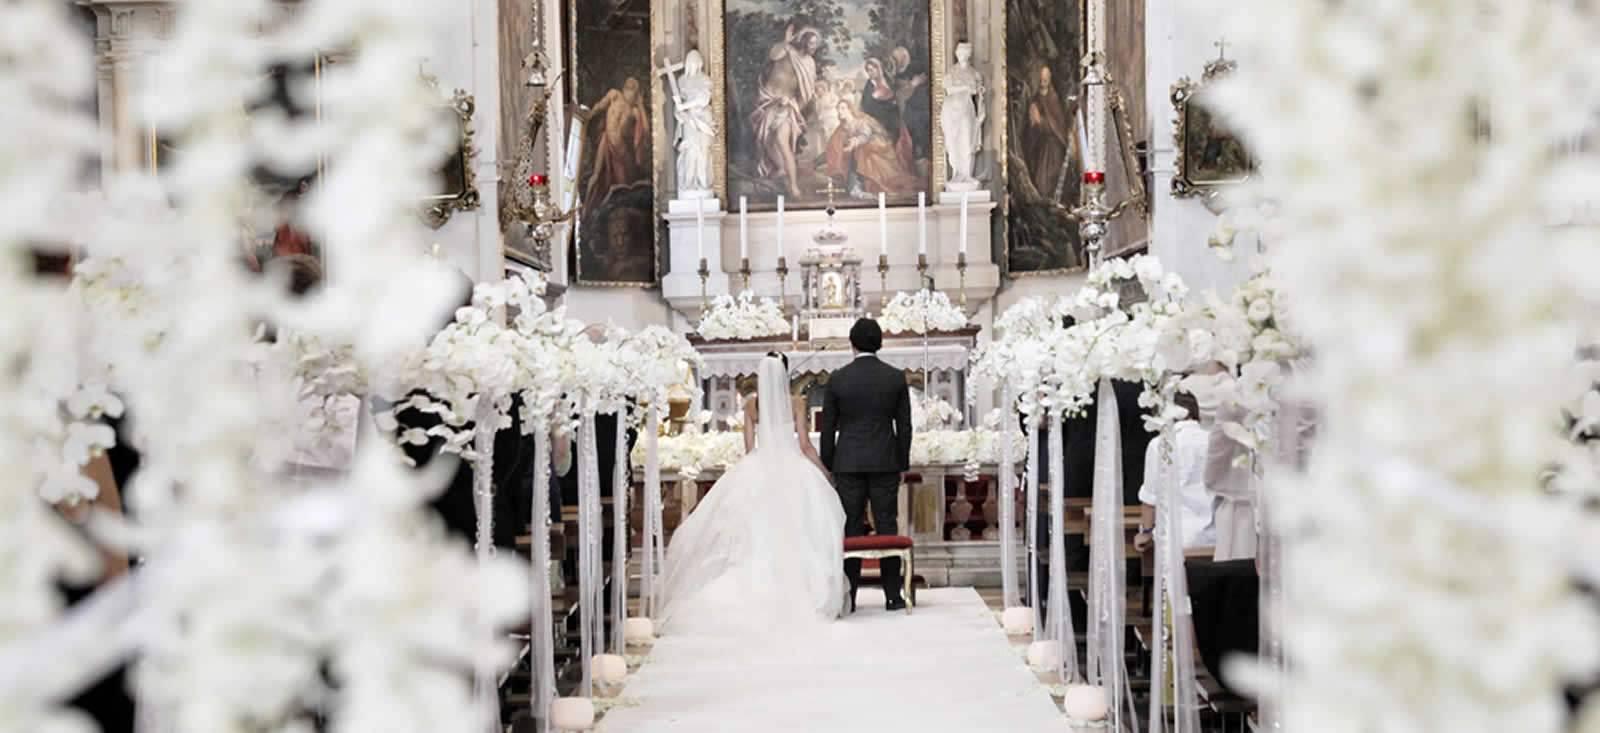 cerimonia in chiesa con fiori bianchi